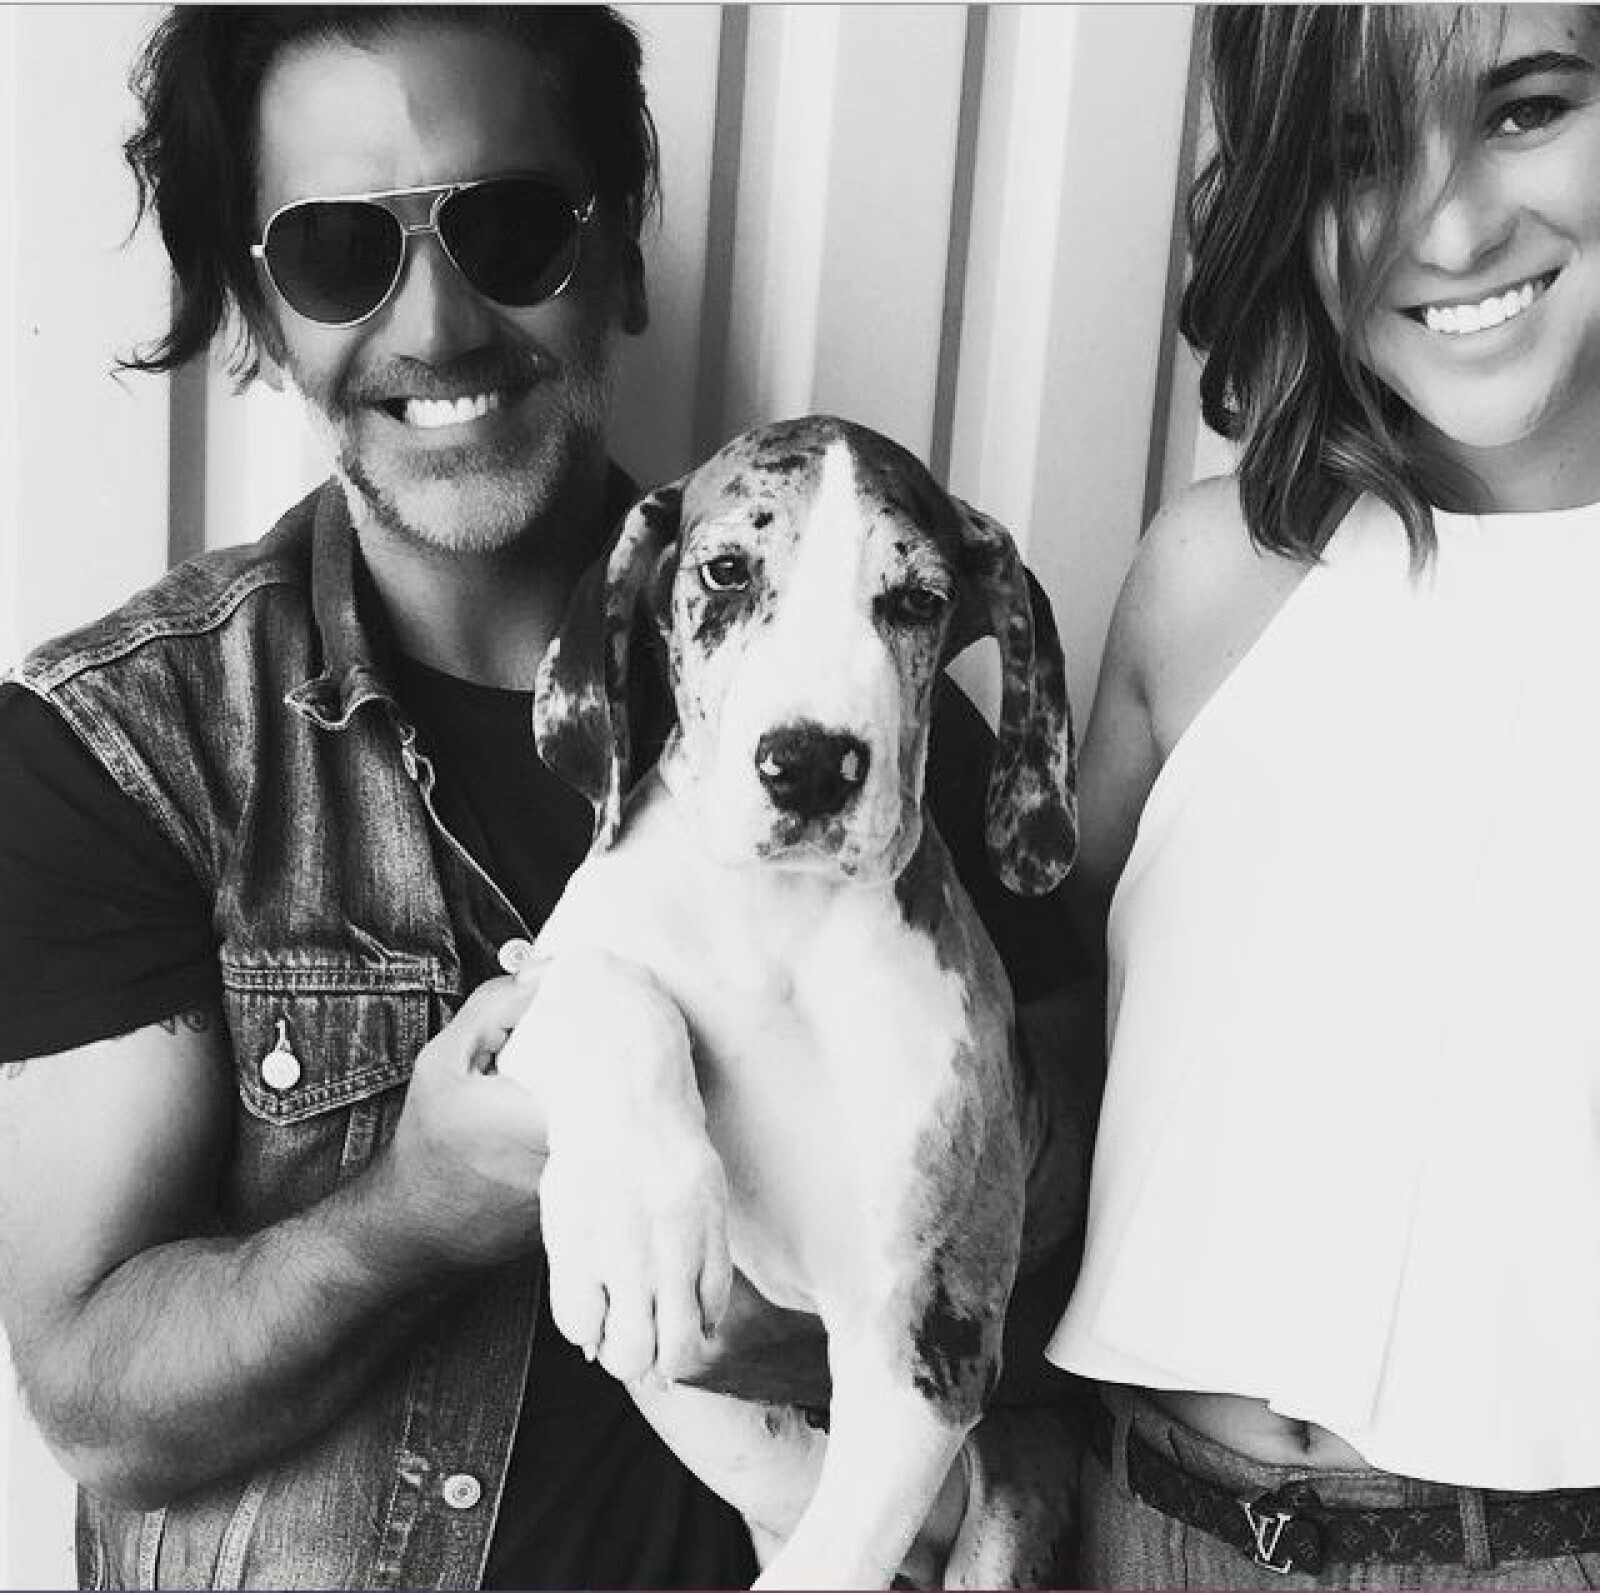 Alejandro y Karla son amantes de los perros. Este Gran Danés es Kalum.